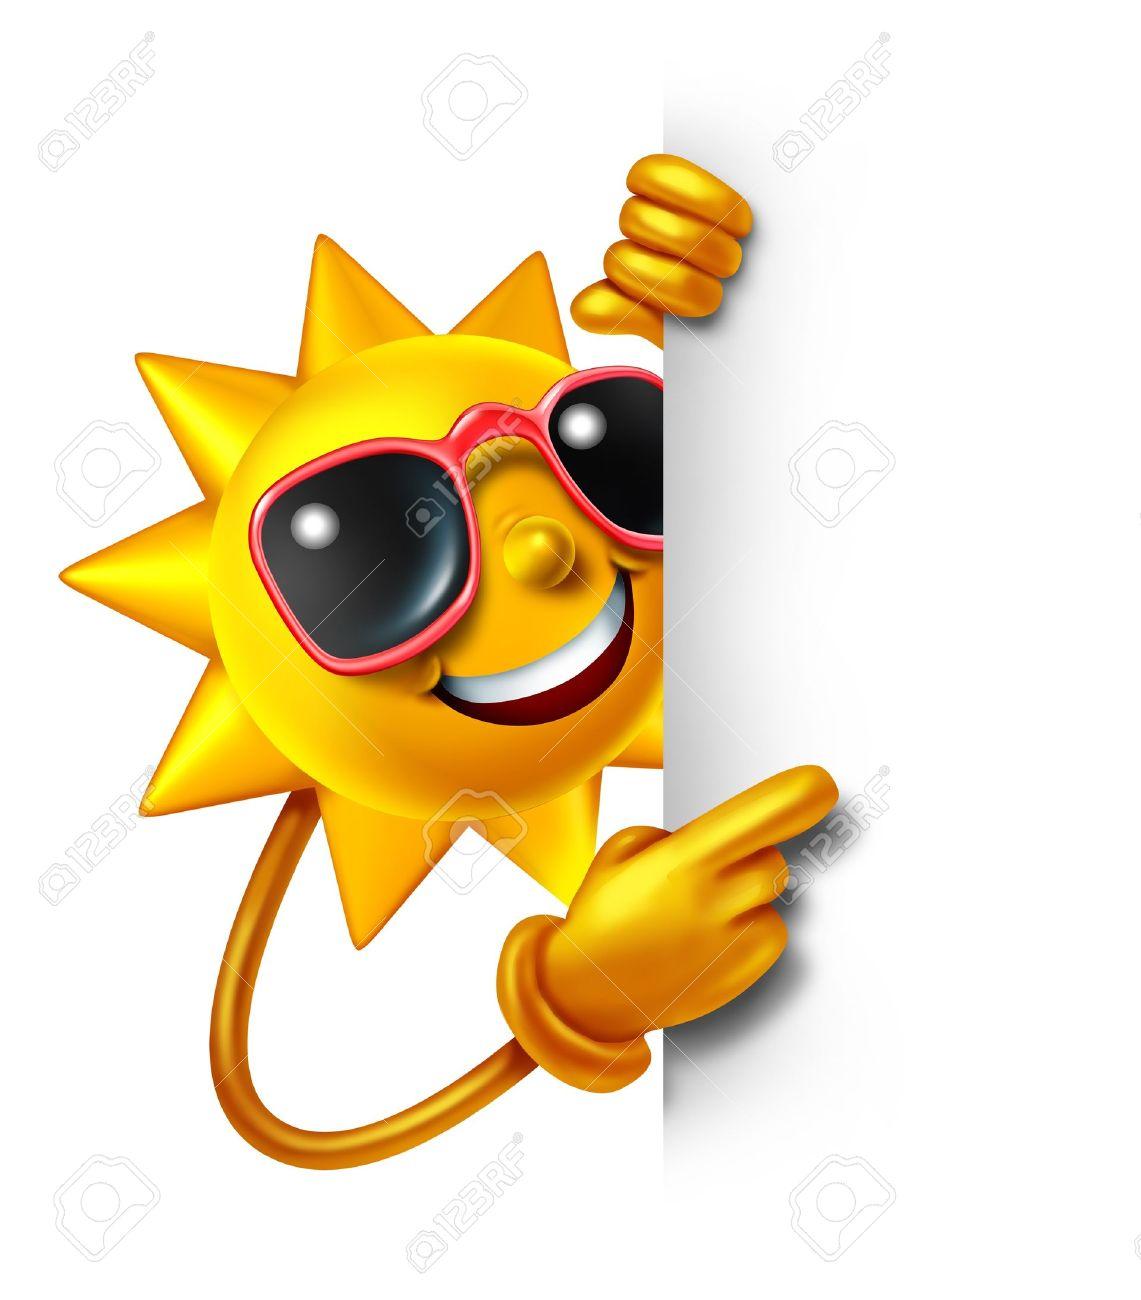 Sonne, Sommer, Spaß Als Dreidimensionales Cartoon-Figur, Die Eine ...